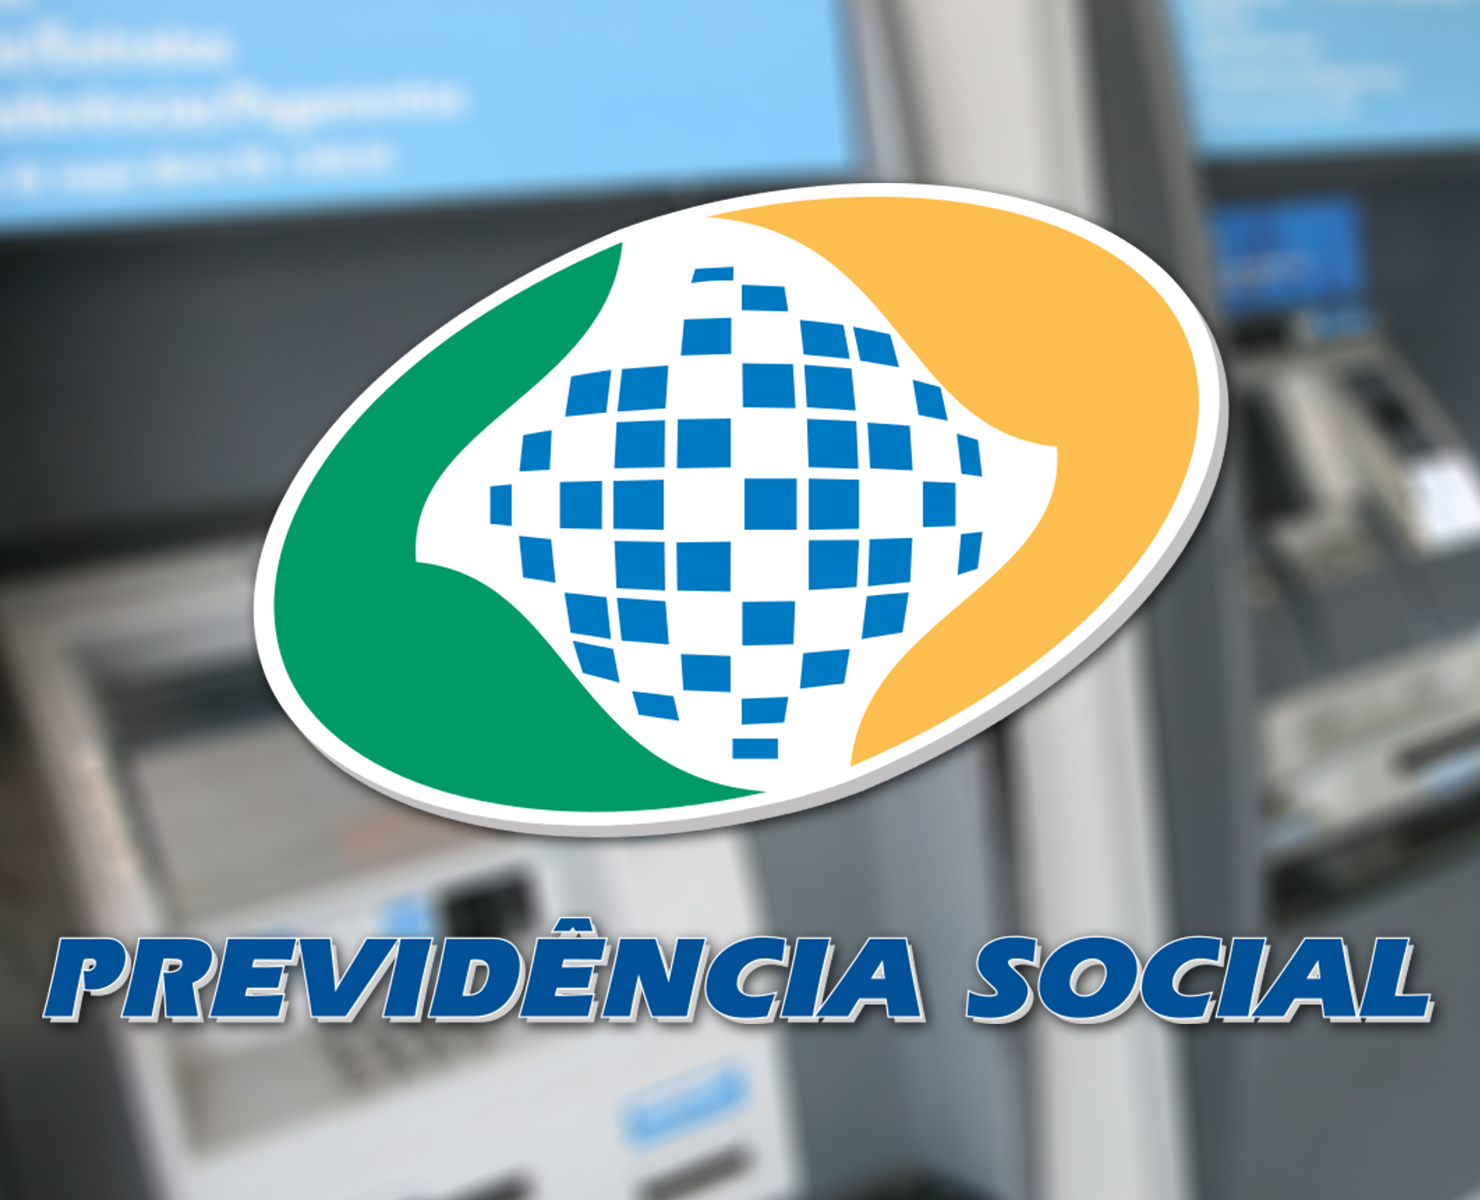 INSS: R$ 57 MILHÕES SERÃO DEVOLVIDOS PARA 800 MIL APOSENTADOS E PENSIONISTAS